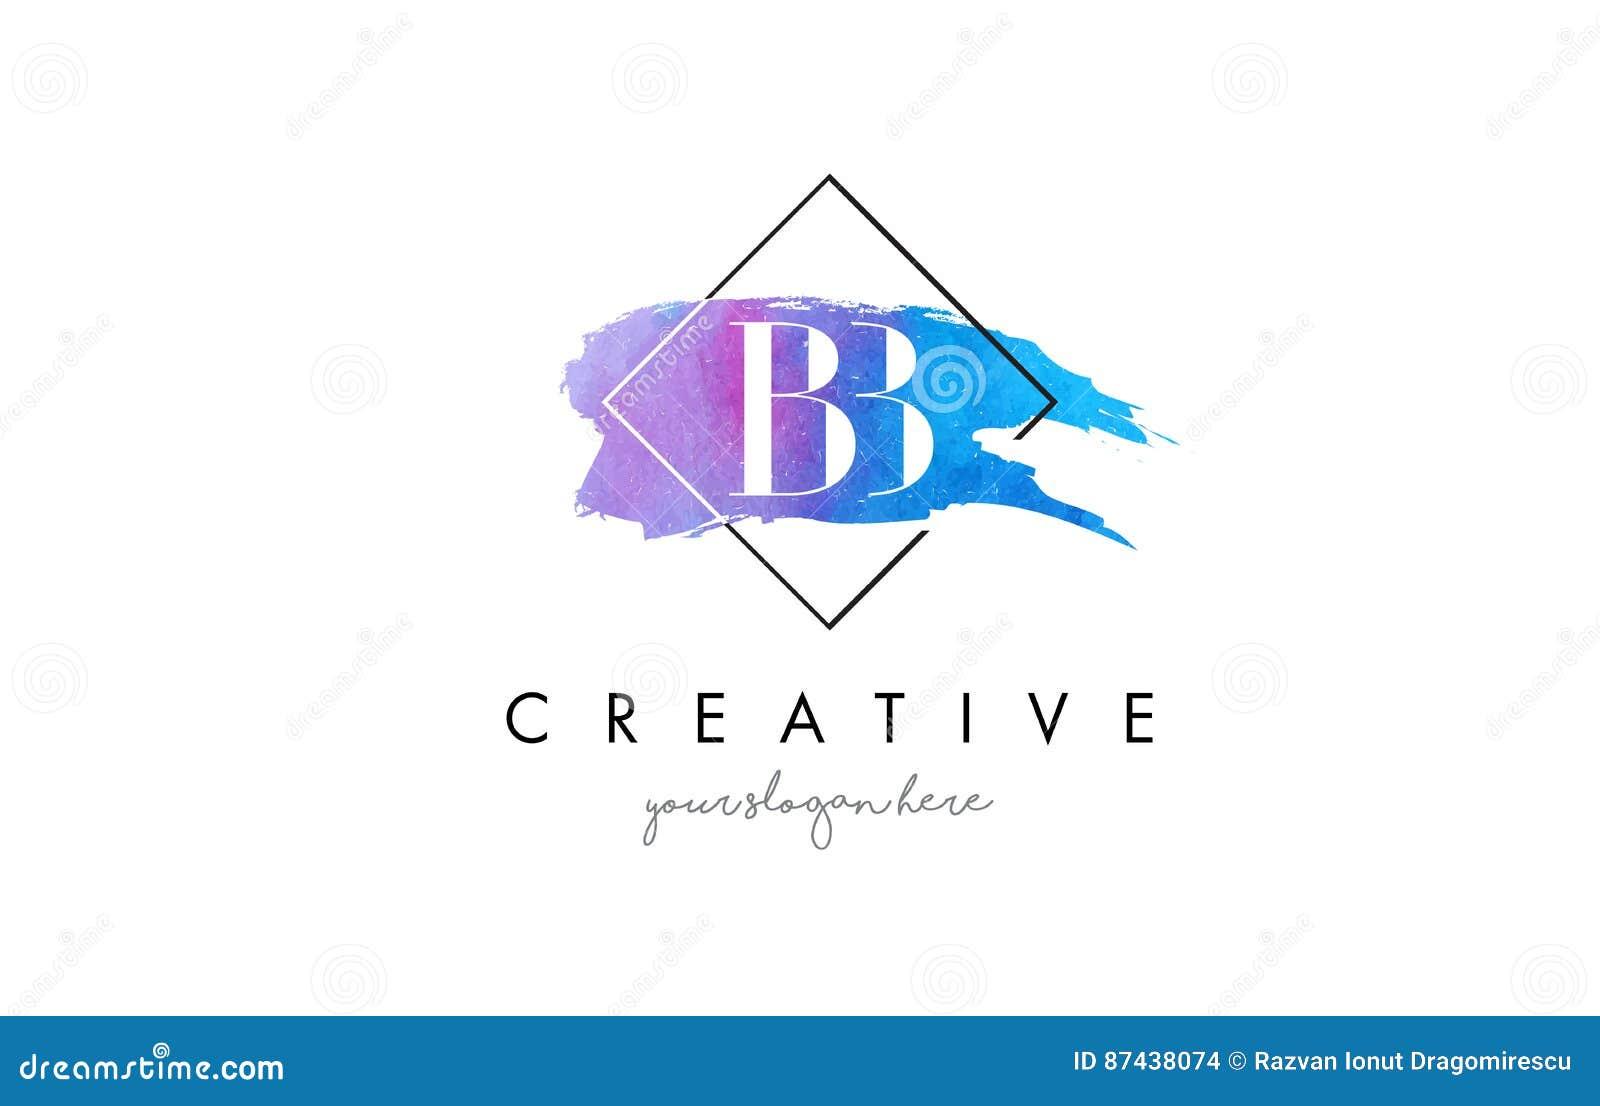 BB Artistic Watercolor Letter Brush Logo.